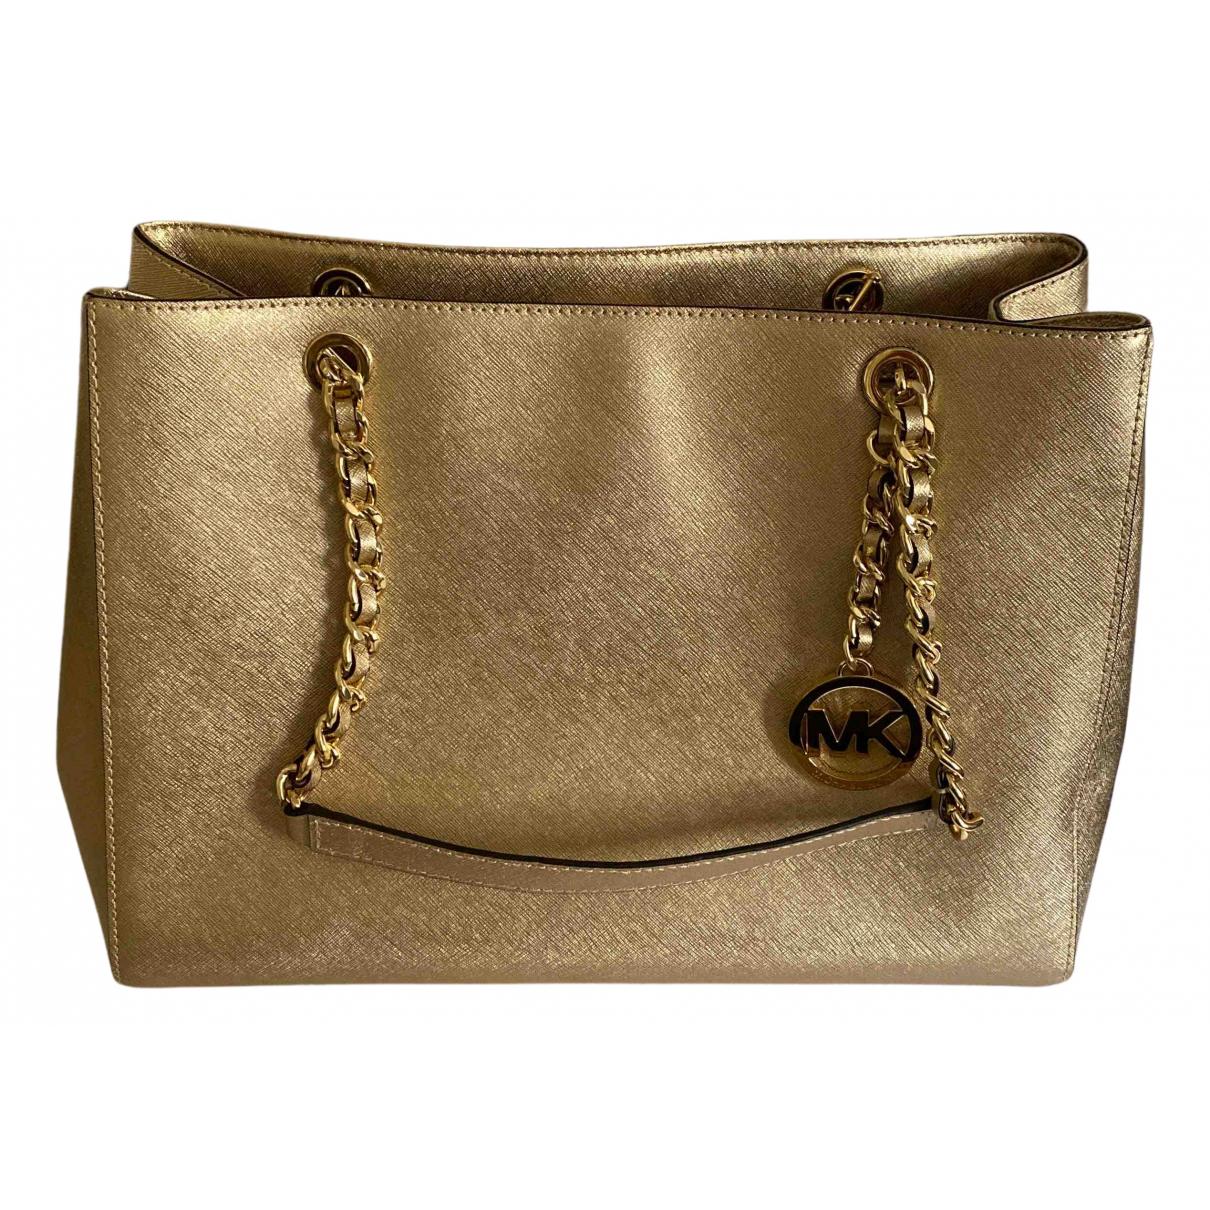 Michael Kors Mercer Handtasche in Kunststoff